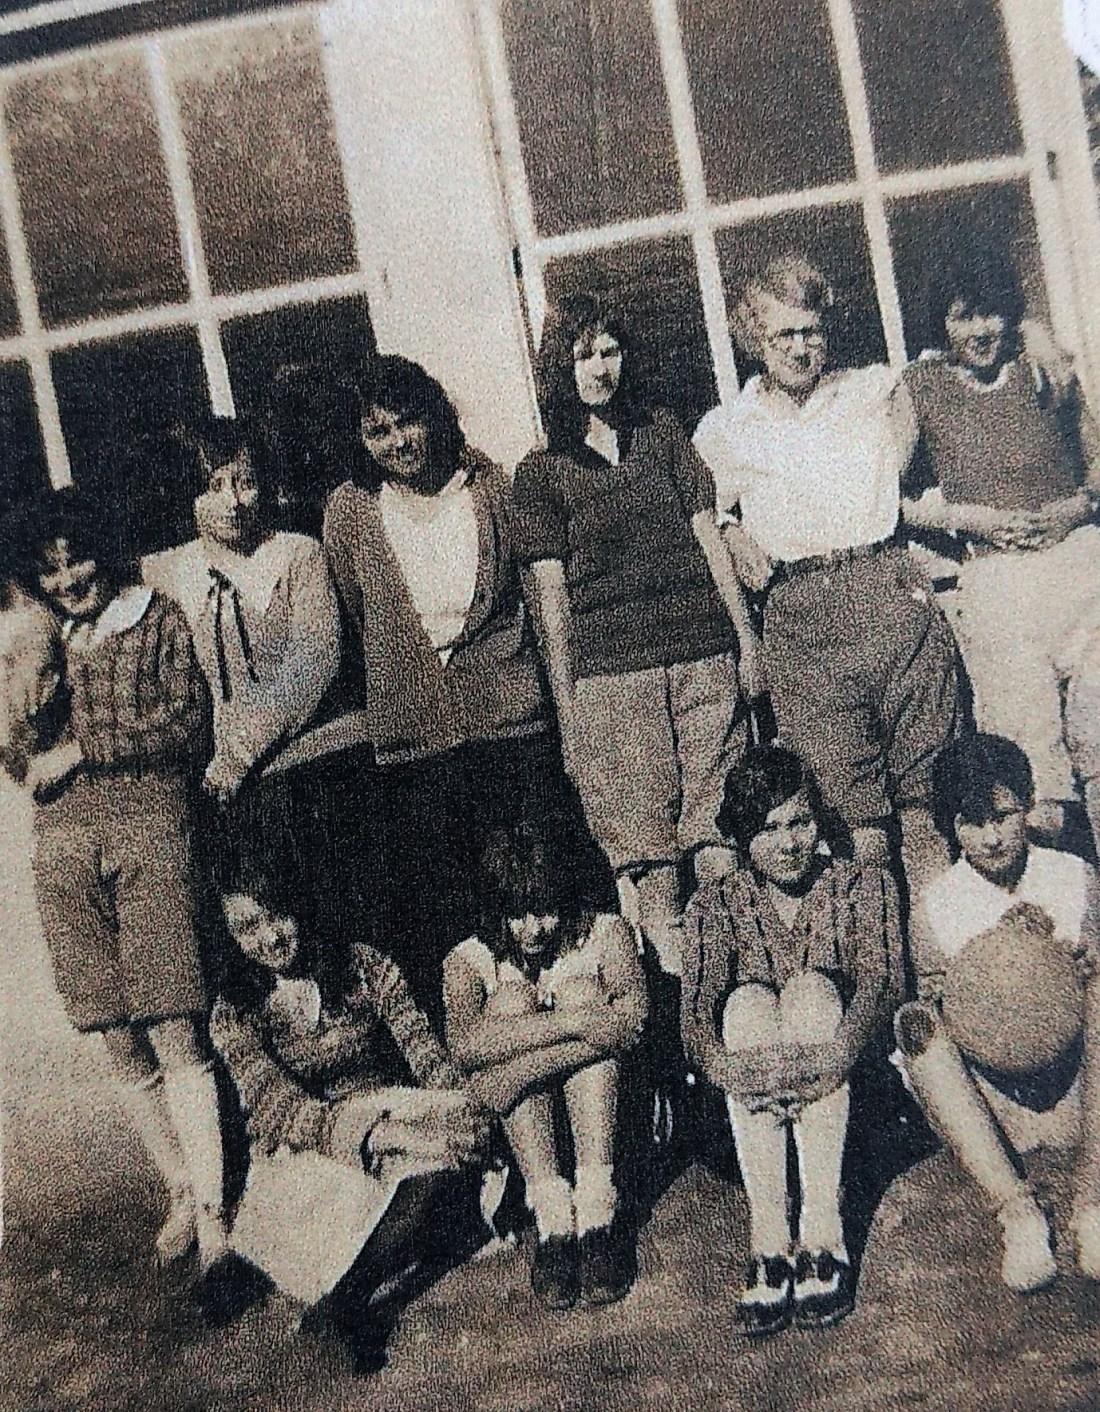 Irene Howdyshell (Bell), Clyde Starkey, Grace Deeds, Goldie Damewood (Garman), Lois Martin (Campbell), Cleo Damewood (Martin), Helin Lemon (Conner) Avis Damewood (Garman), Doris Martin (Shelor), Elizabeth Garman (Eakin)